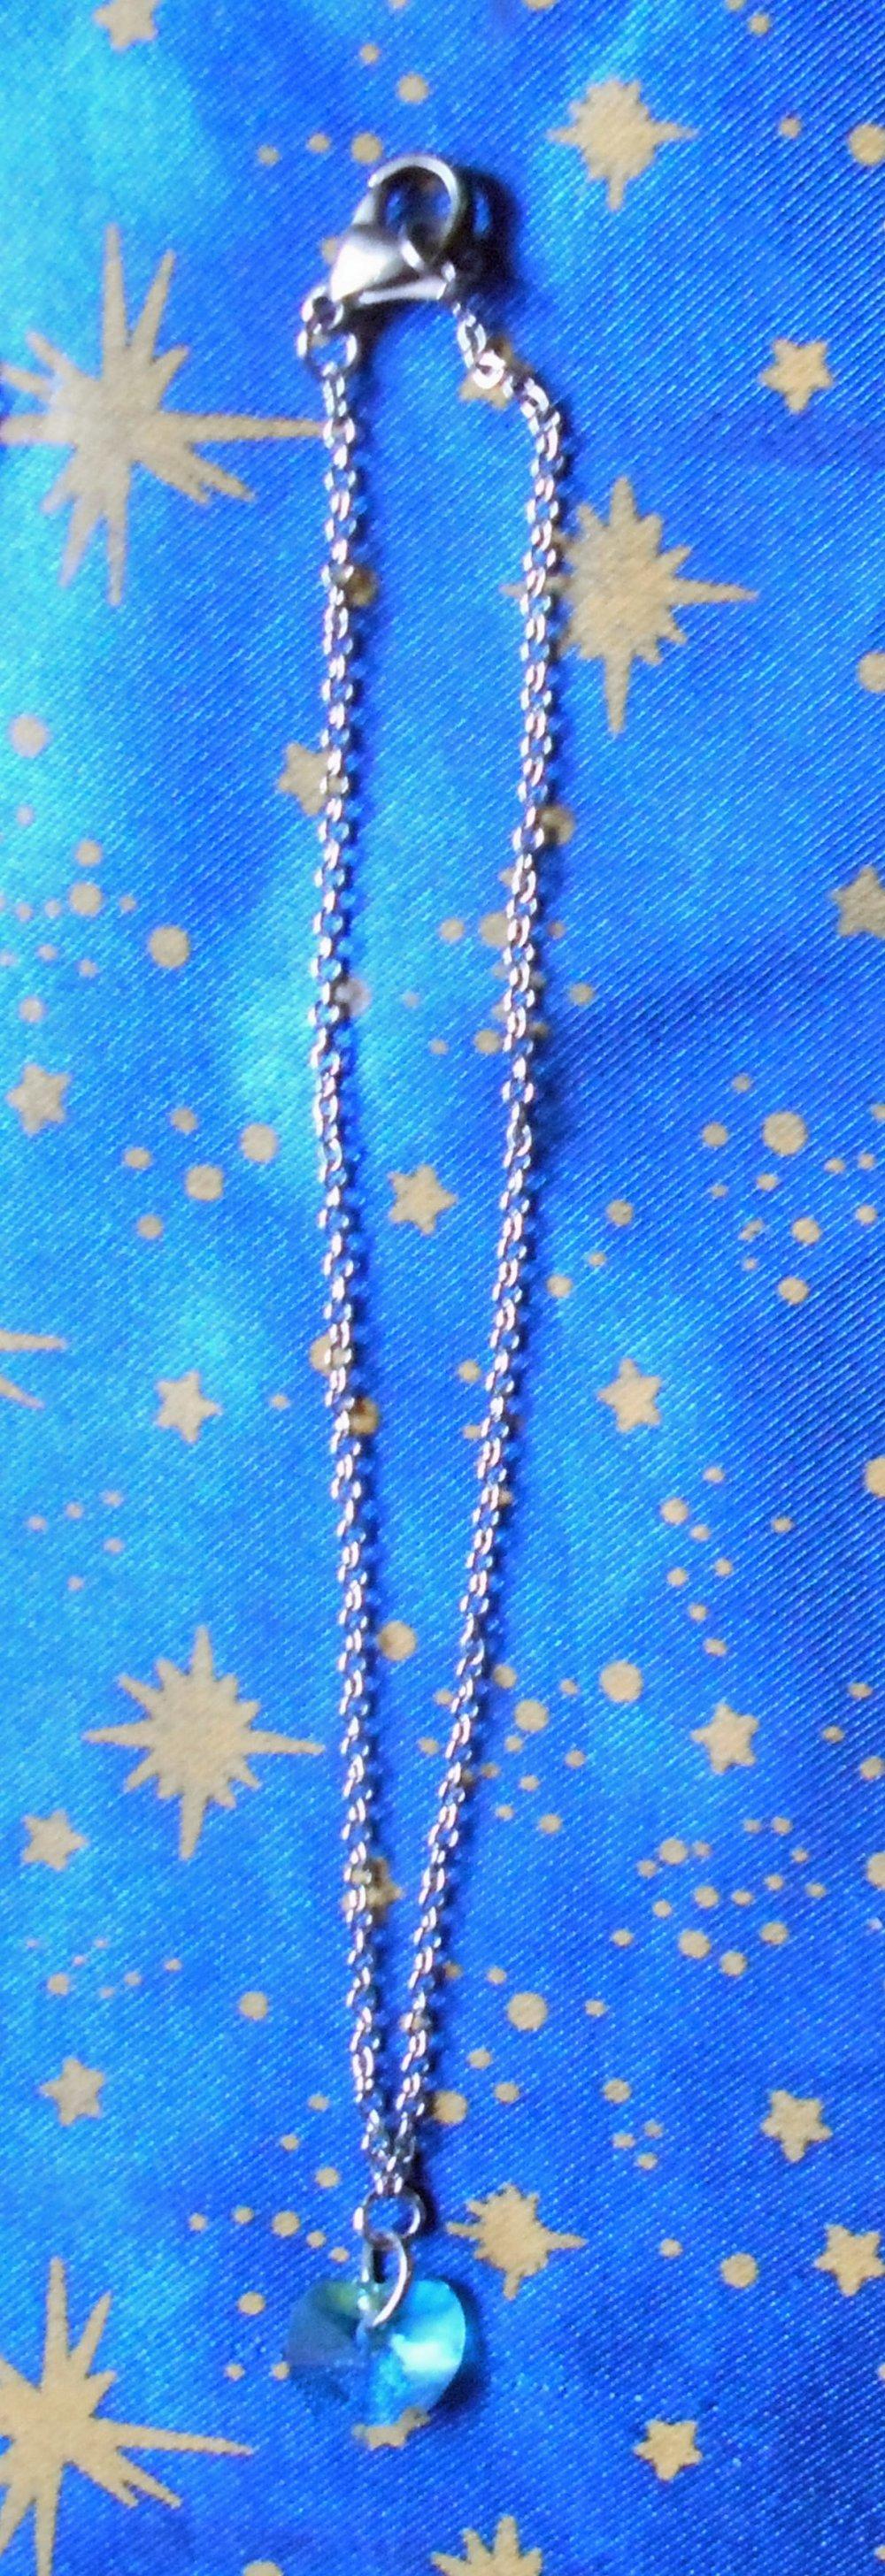 Chaîne de cheville en inox avec cristal de swarovski forme coeur turquoise de 10mm.